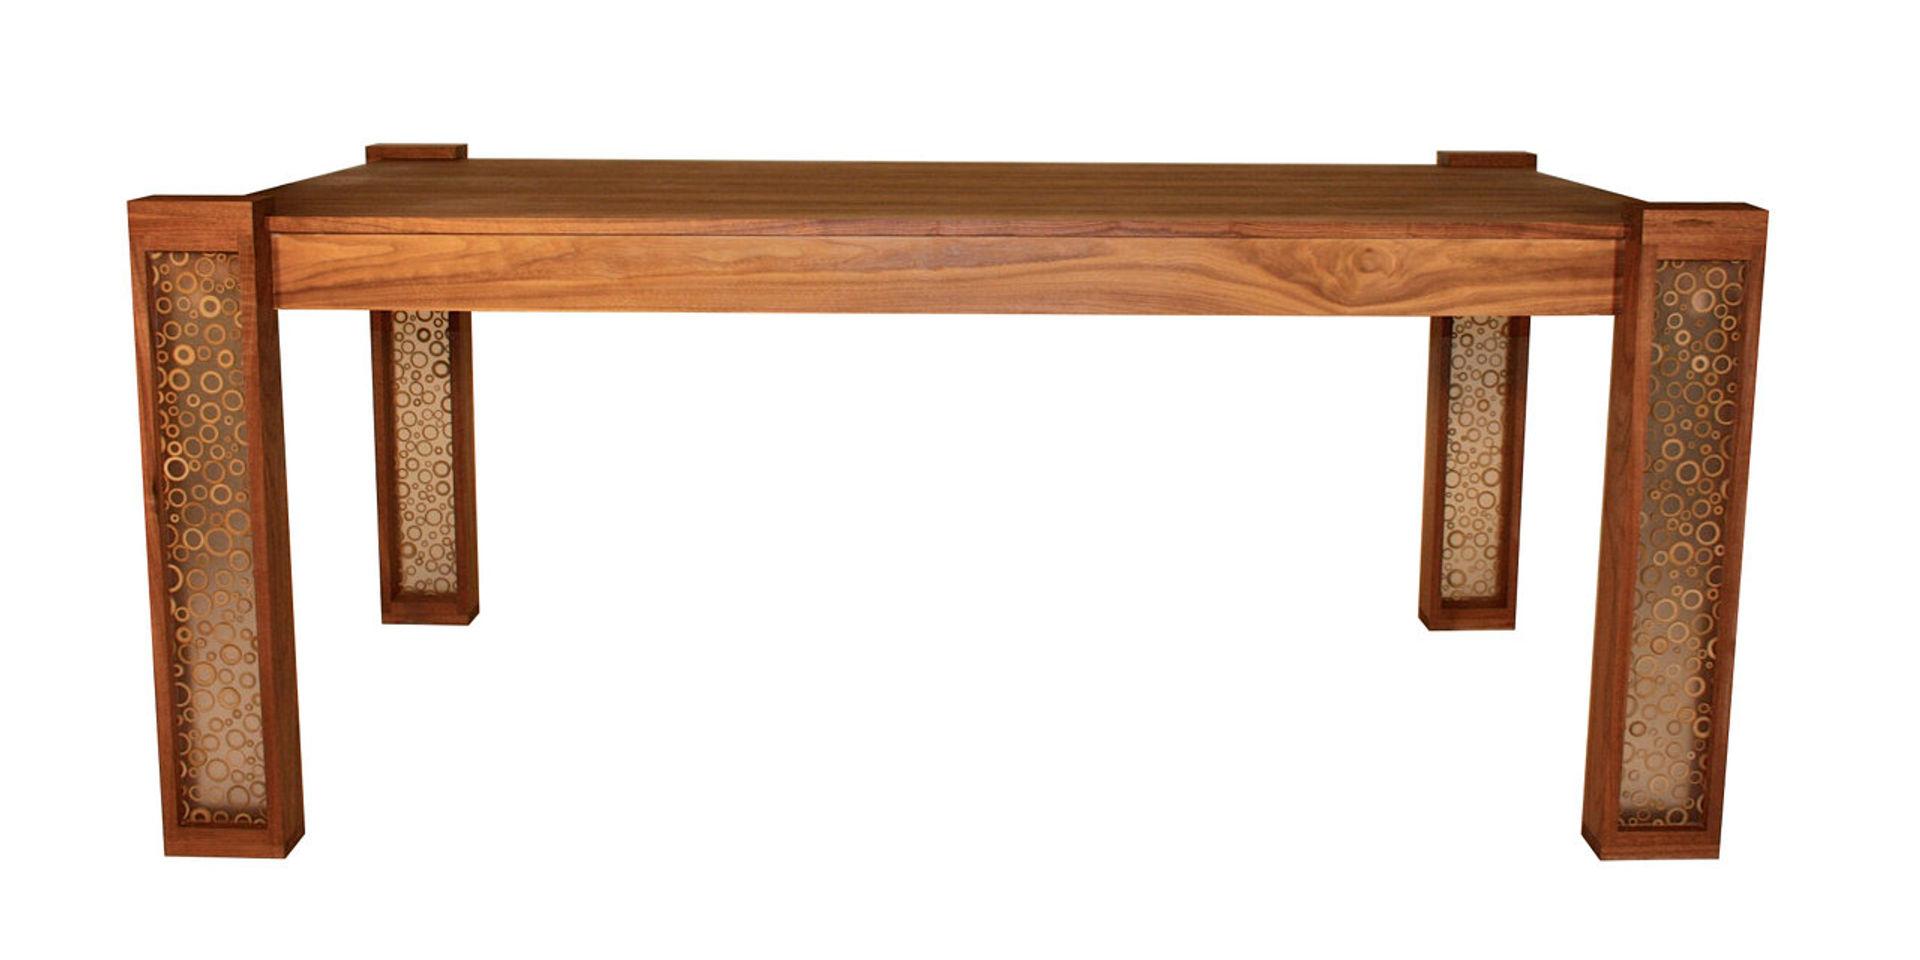 Myles Table